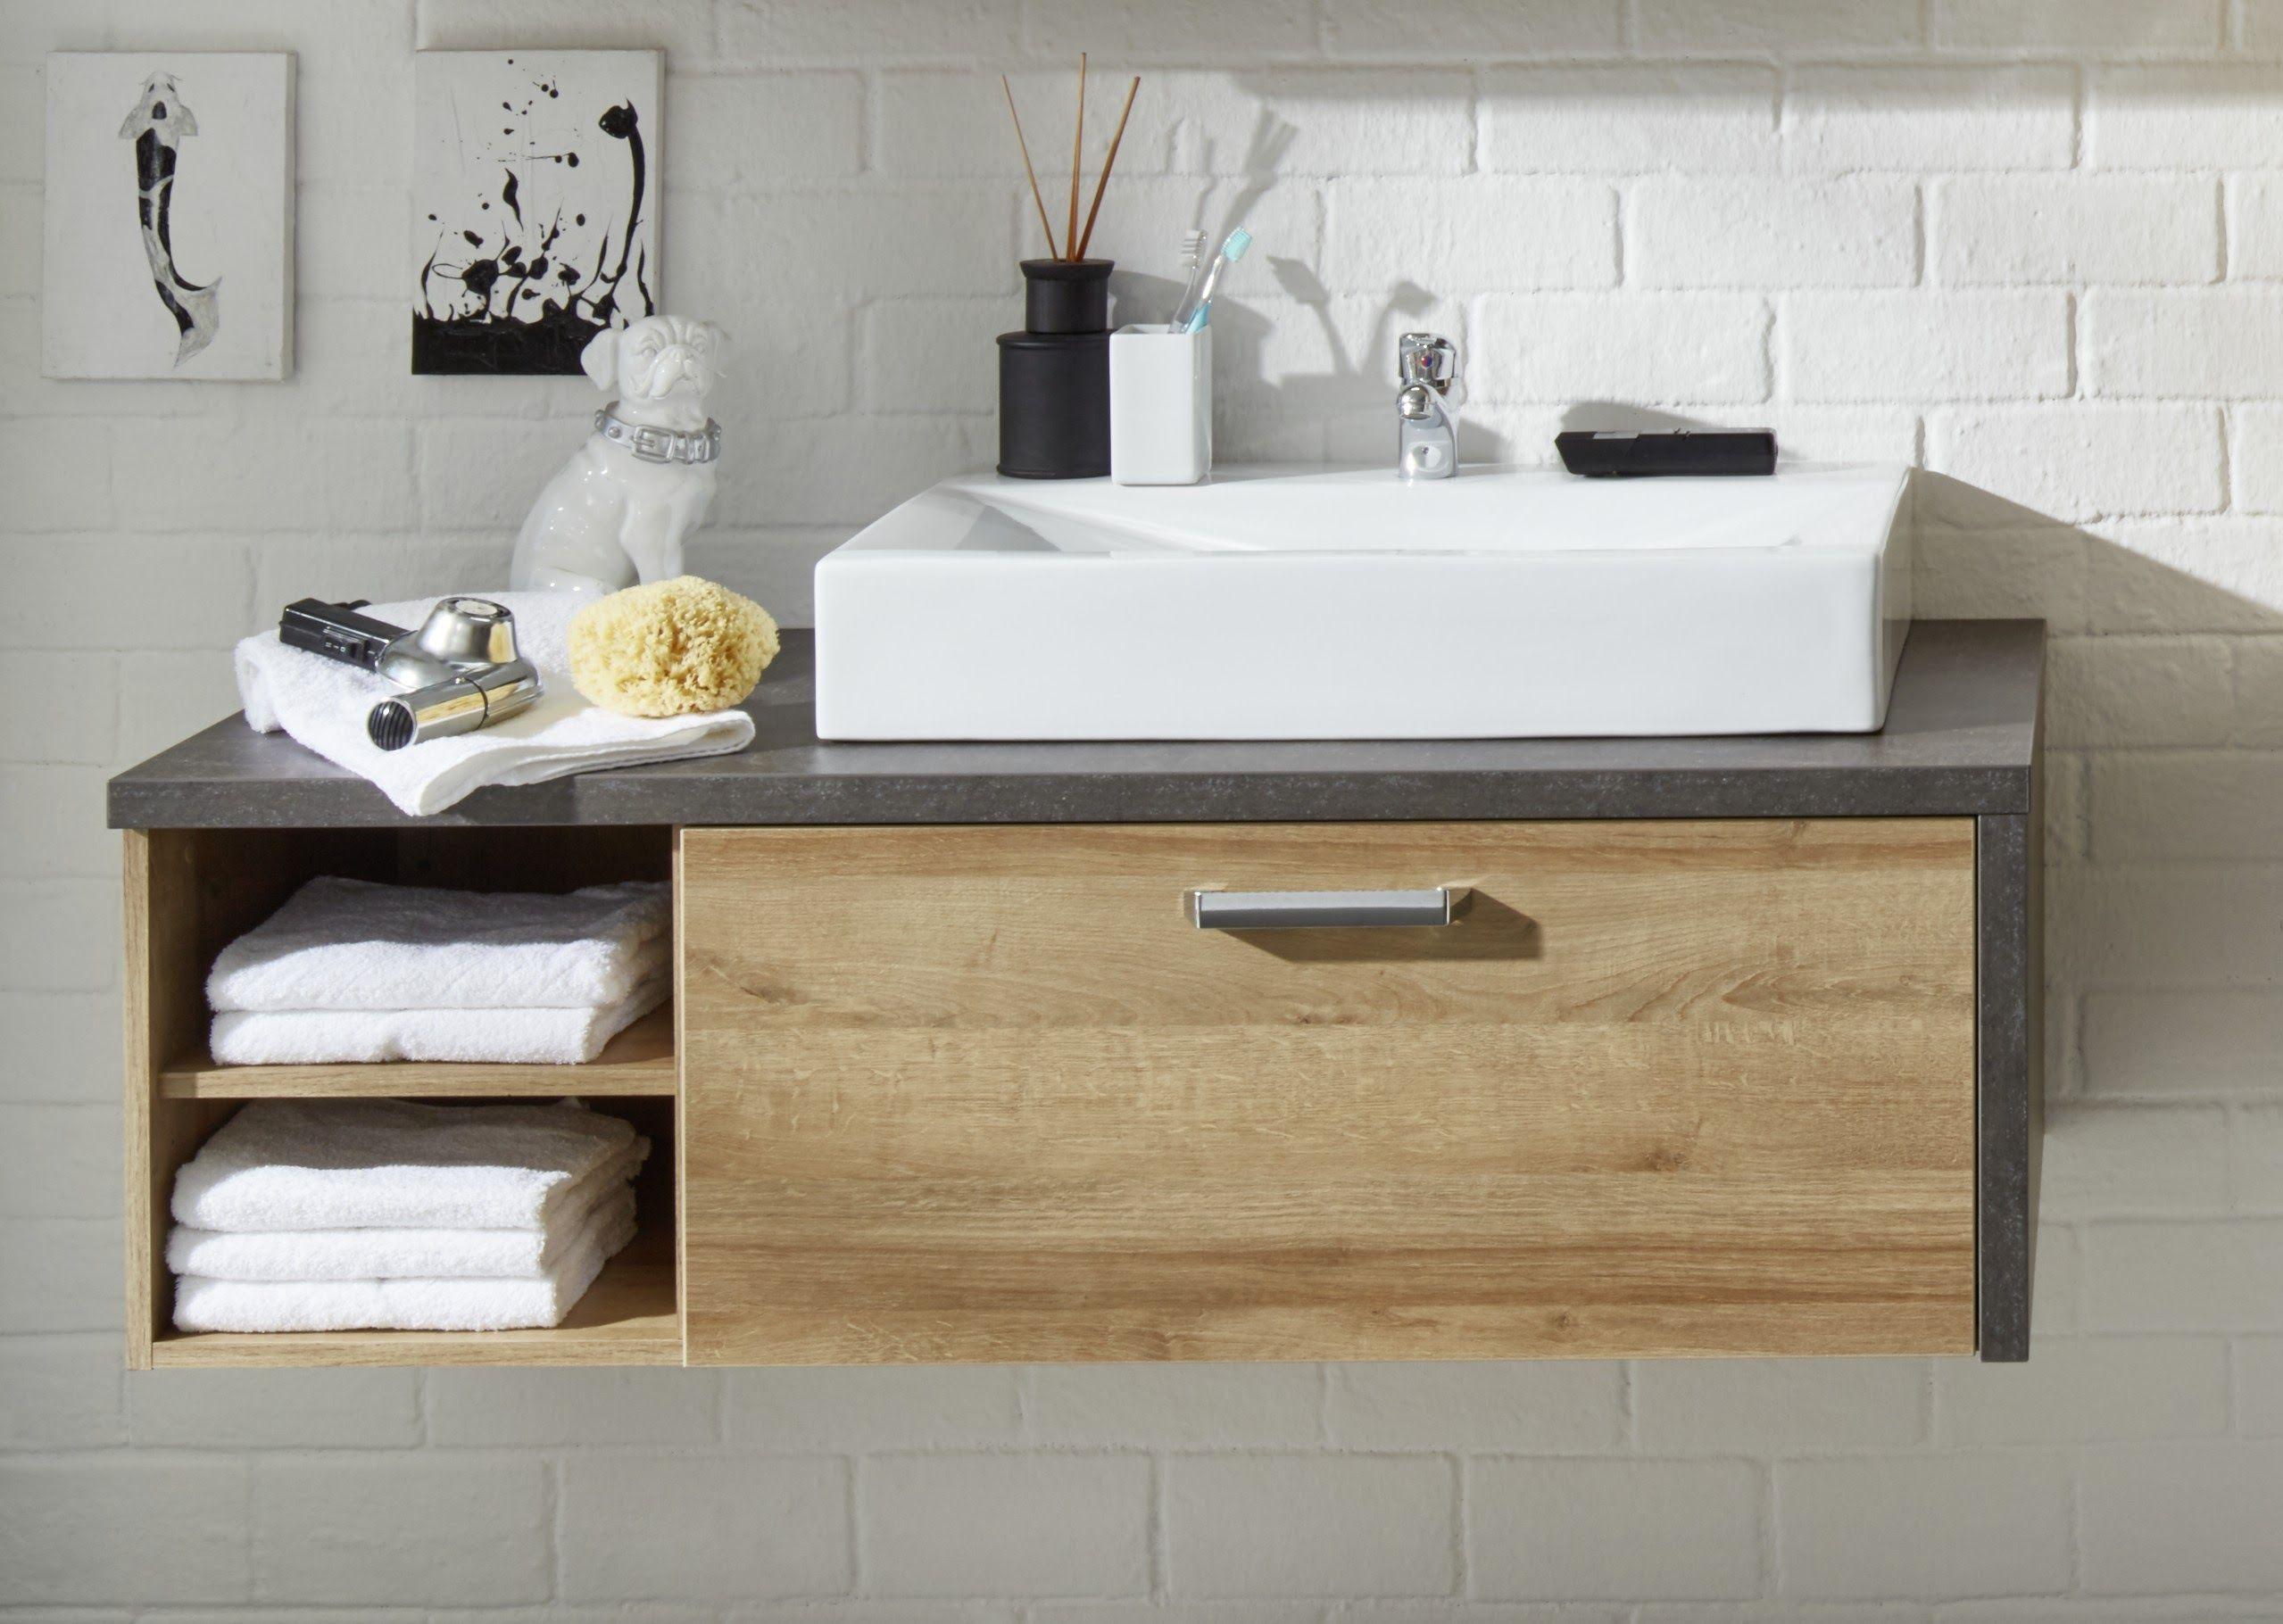 waschbeckenunterschrank eiche riviera honig/ beton woody 93-01137, Wohnzimmer dekoo